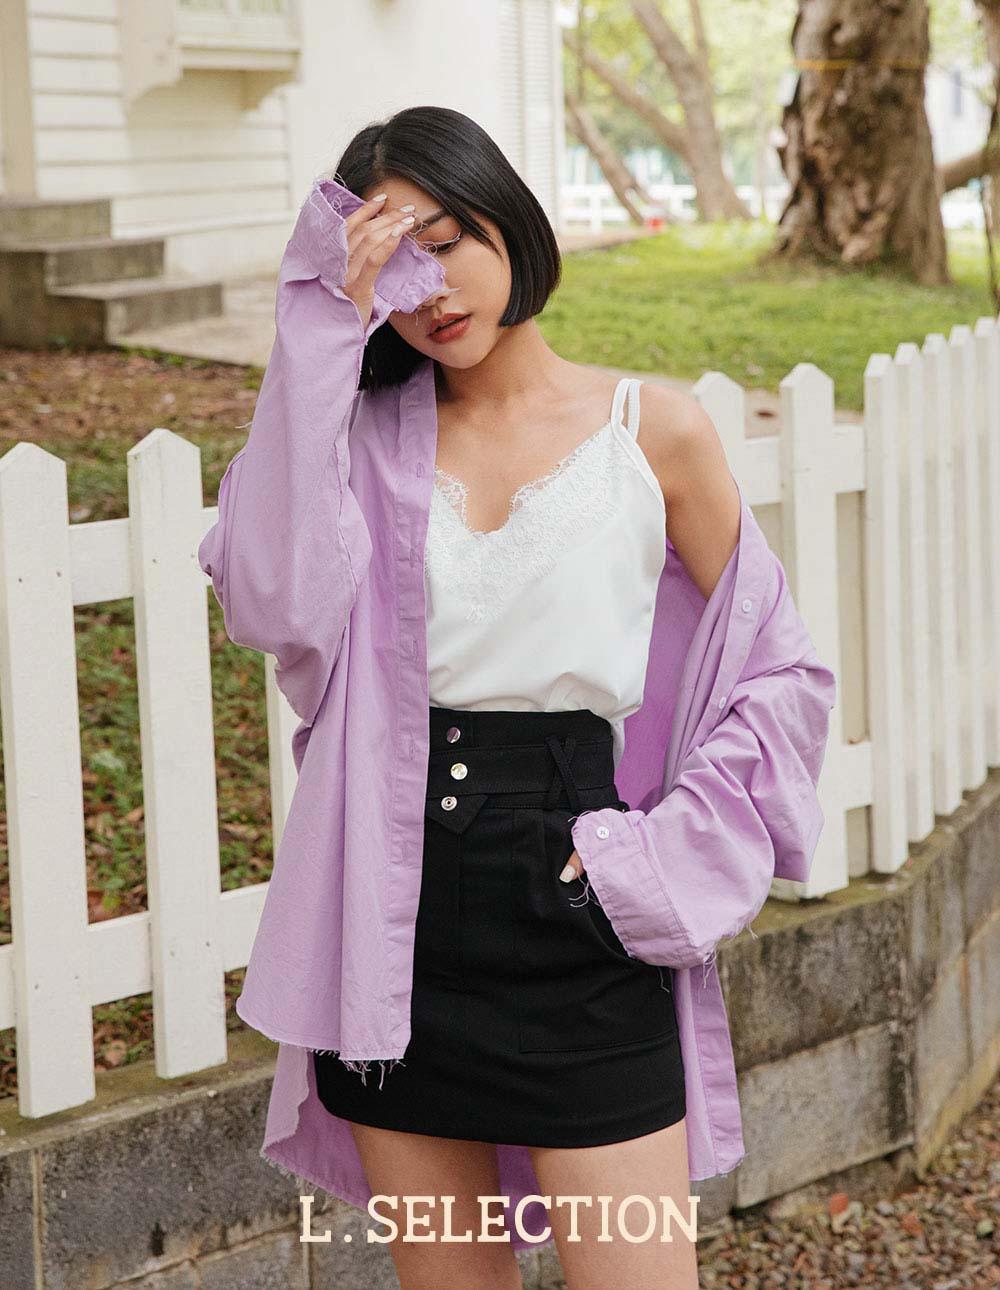 選品系列:腰間設計短裙